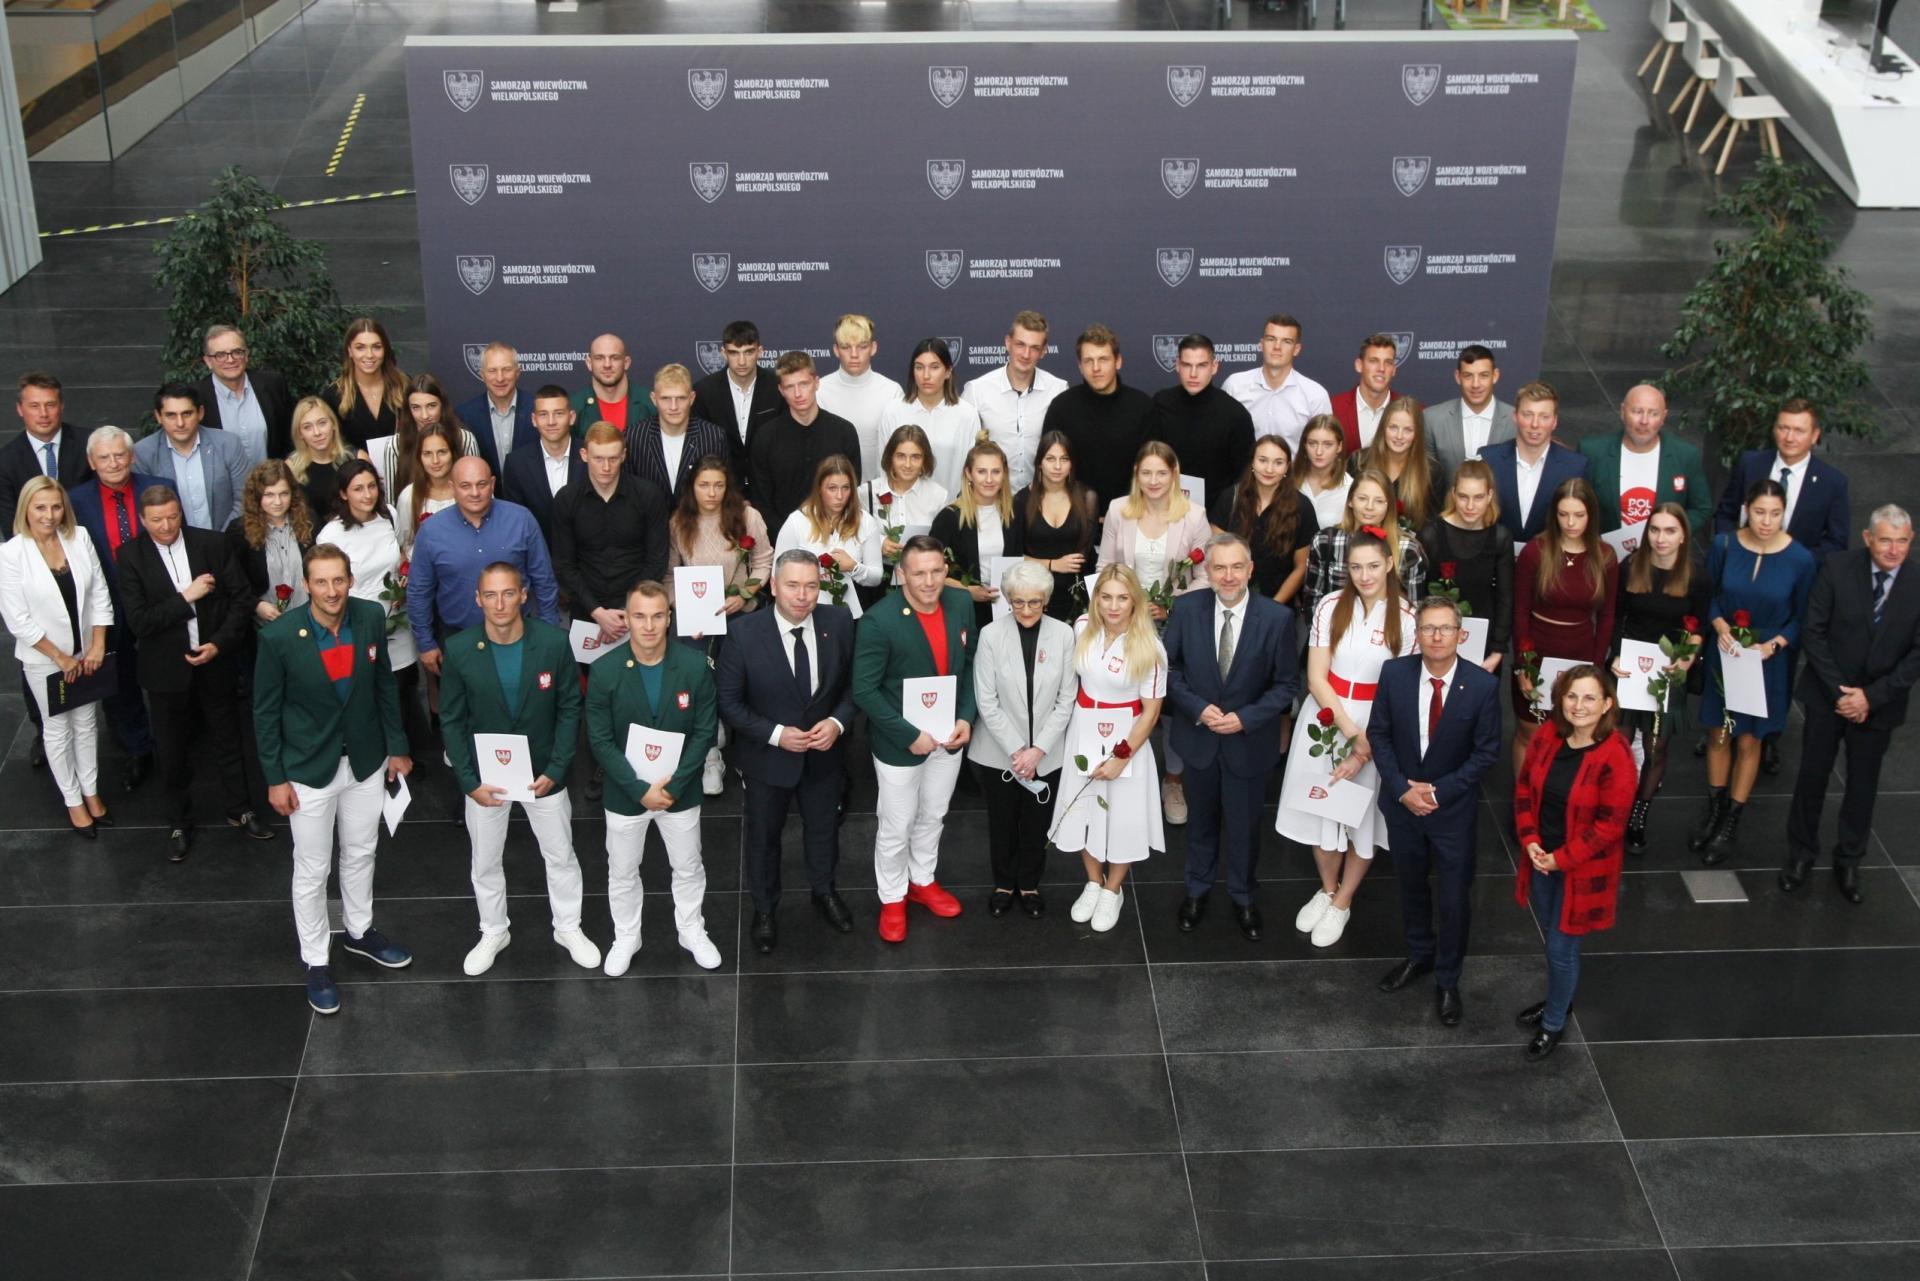 Stypendia i nagrody od Marszałka dla wybitnych sportowców z Wielkopolski - zobacz więcej